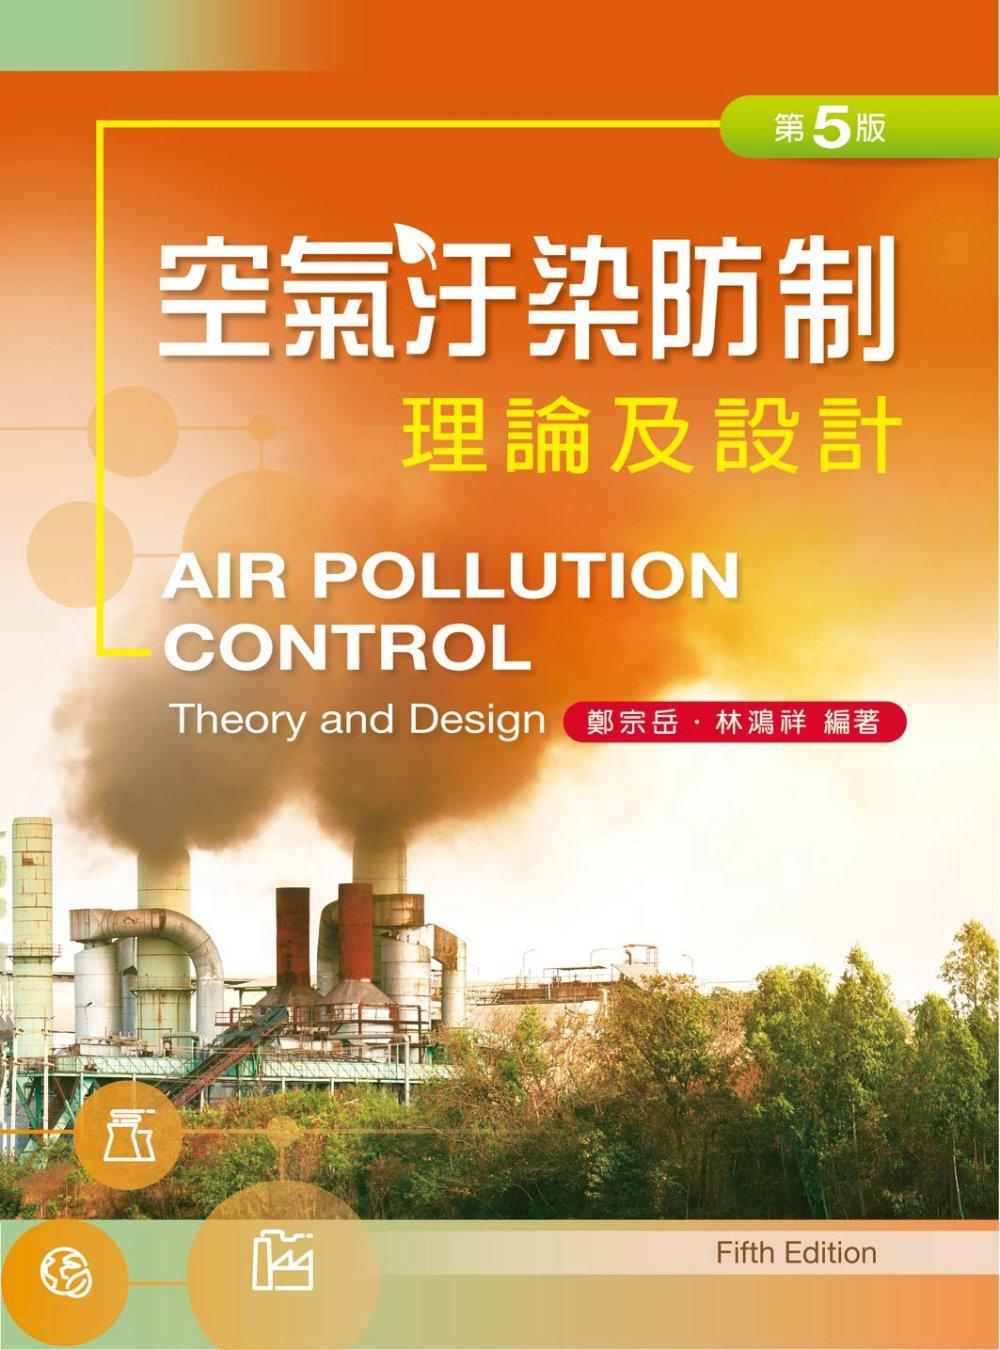 空氣污染防治理論及設計(第五版)